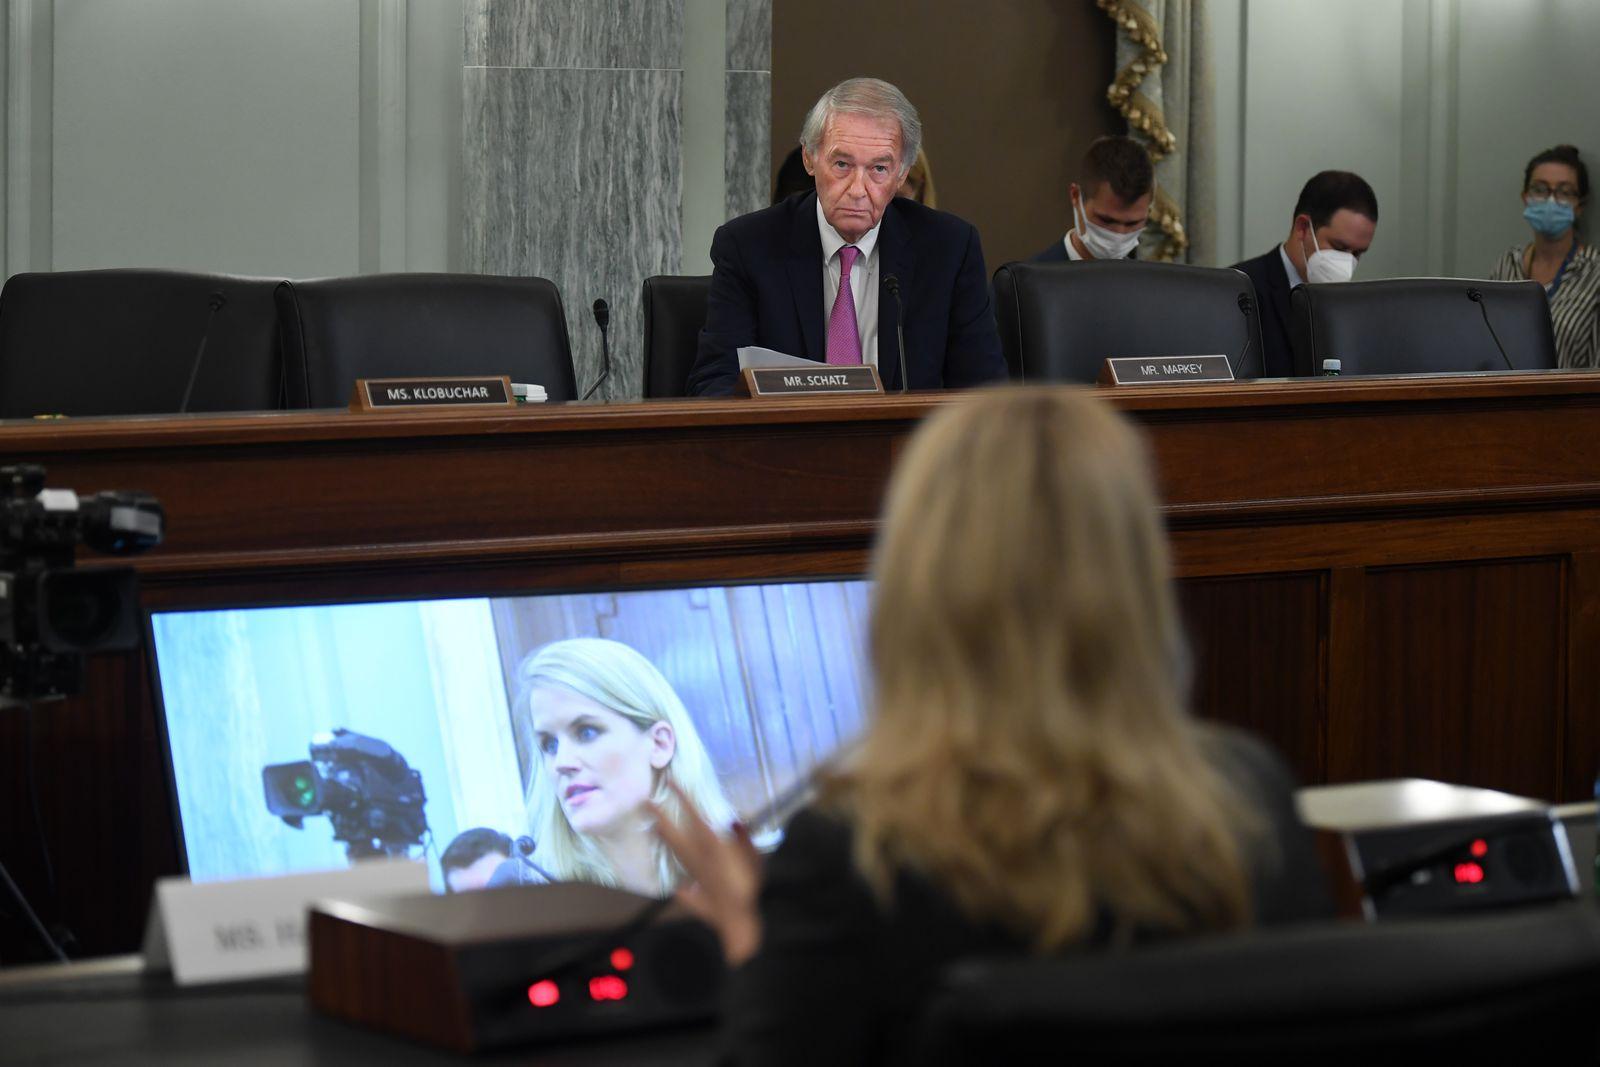 Facebook Whistle Blower Frances Haugen Testifies To Senate Committee